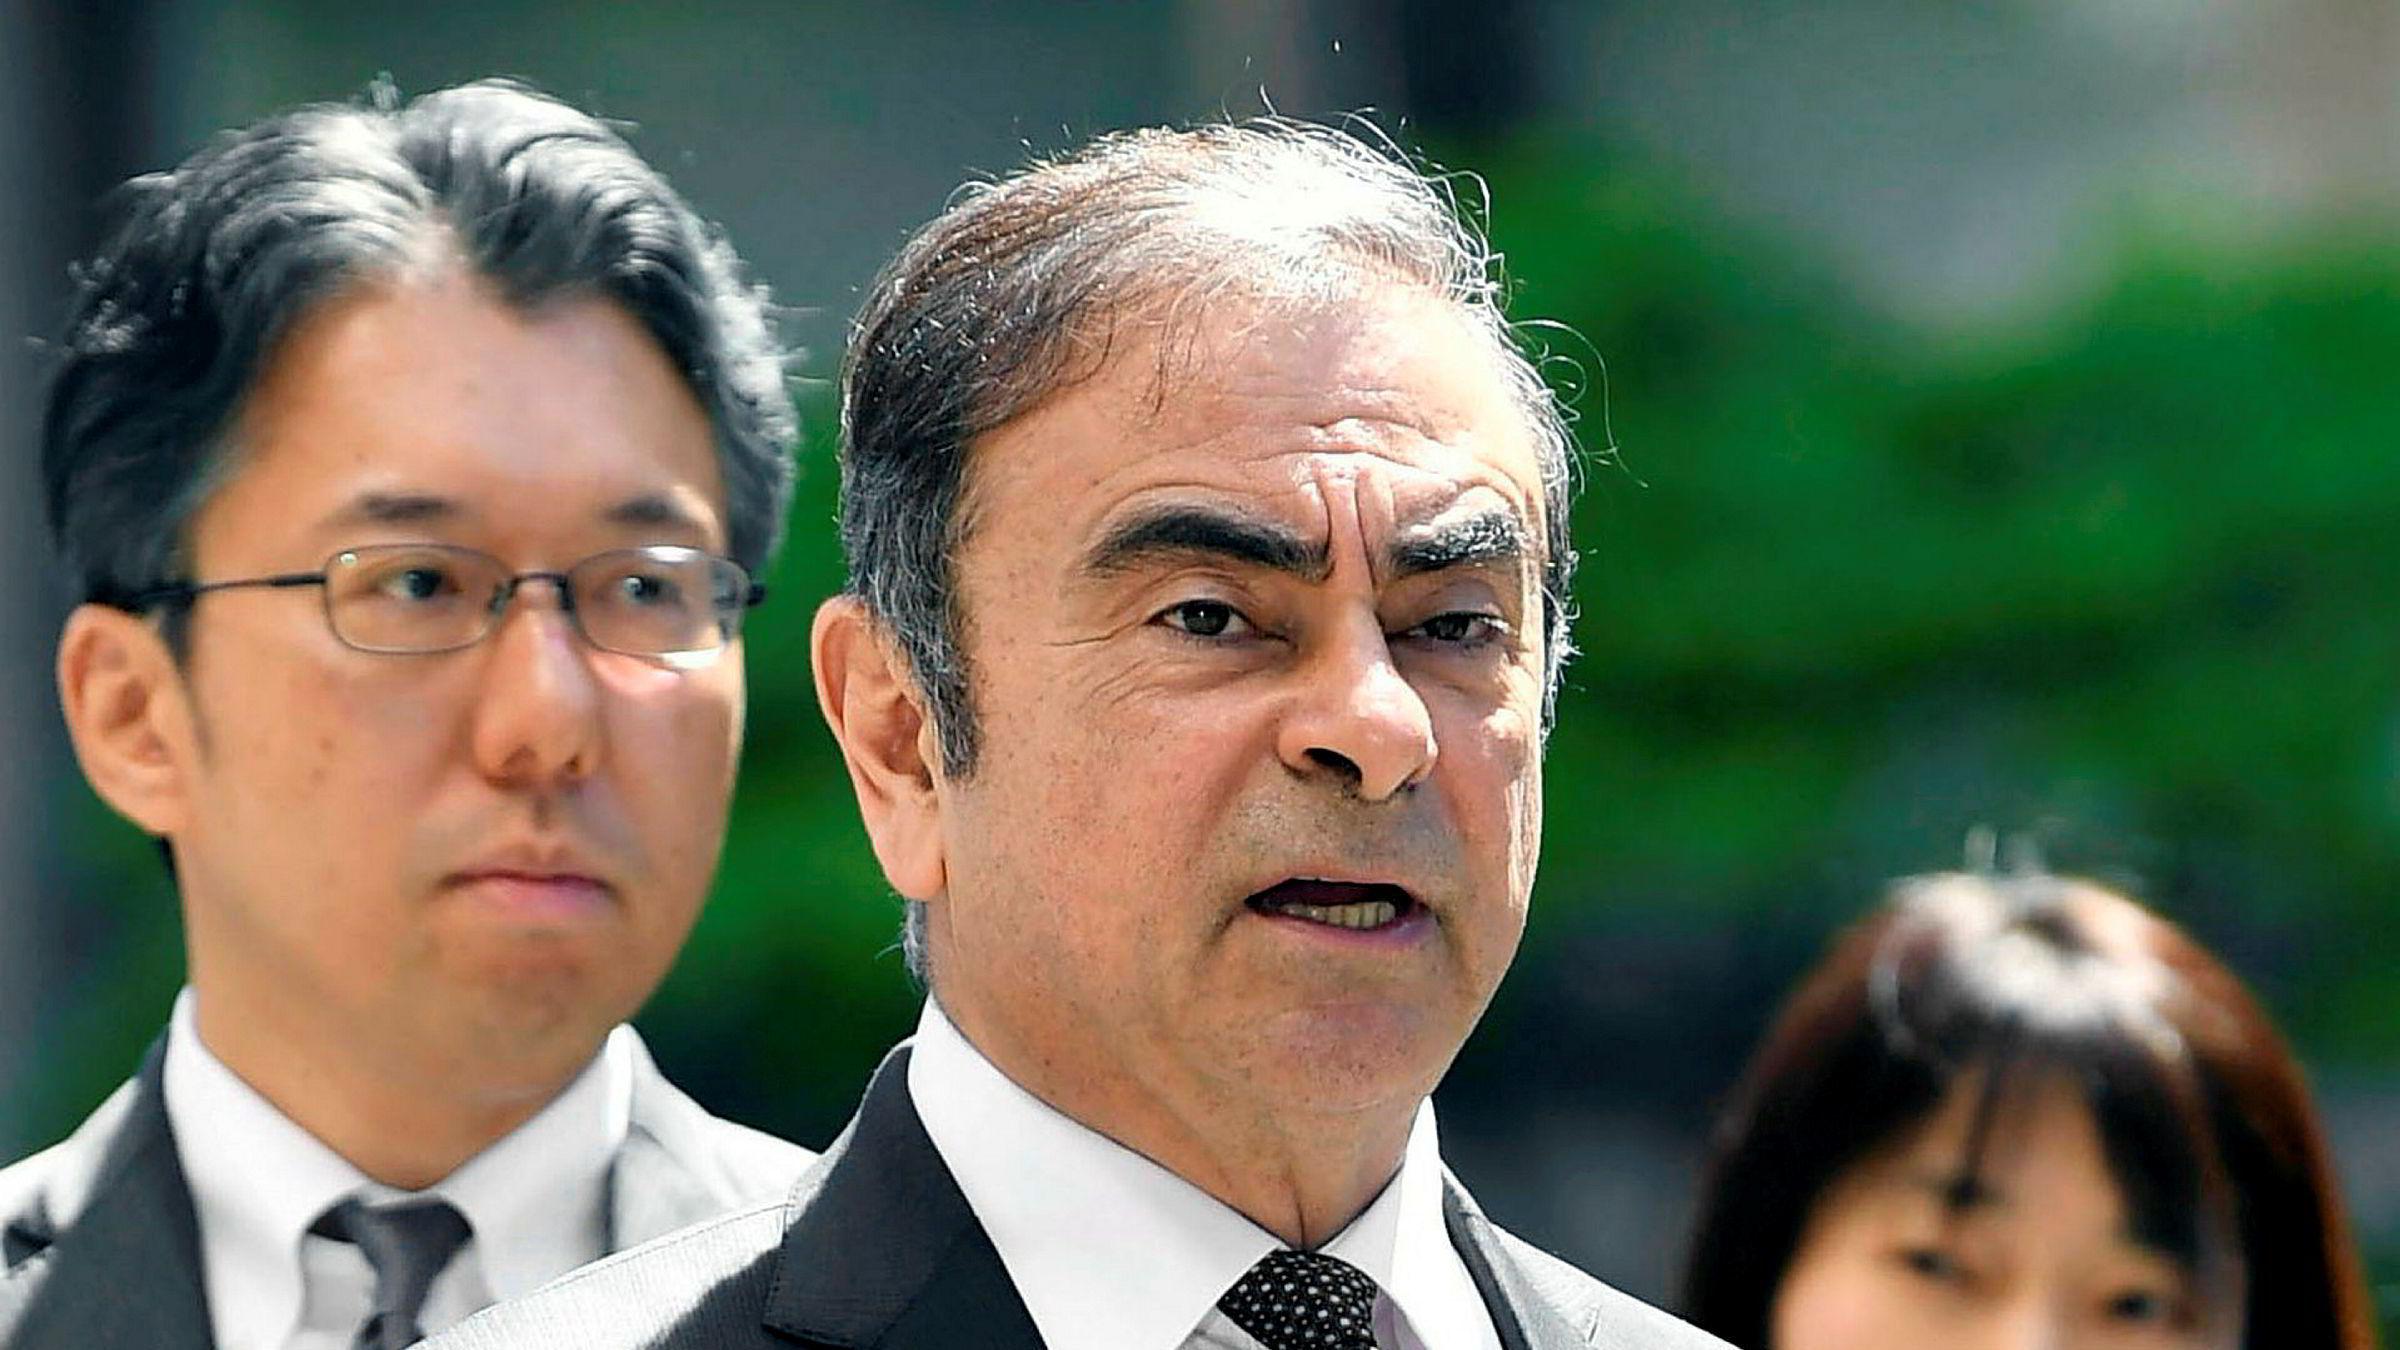 Carlos Ghosn ble pågrepet i Japan i november 2018 og siktet for blant annet skattesvindel.